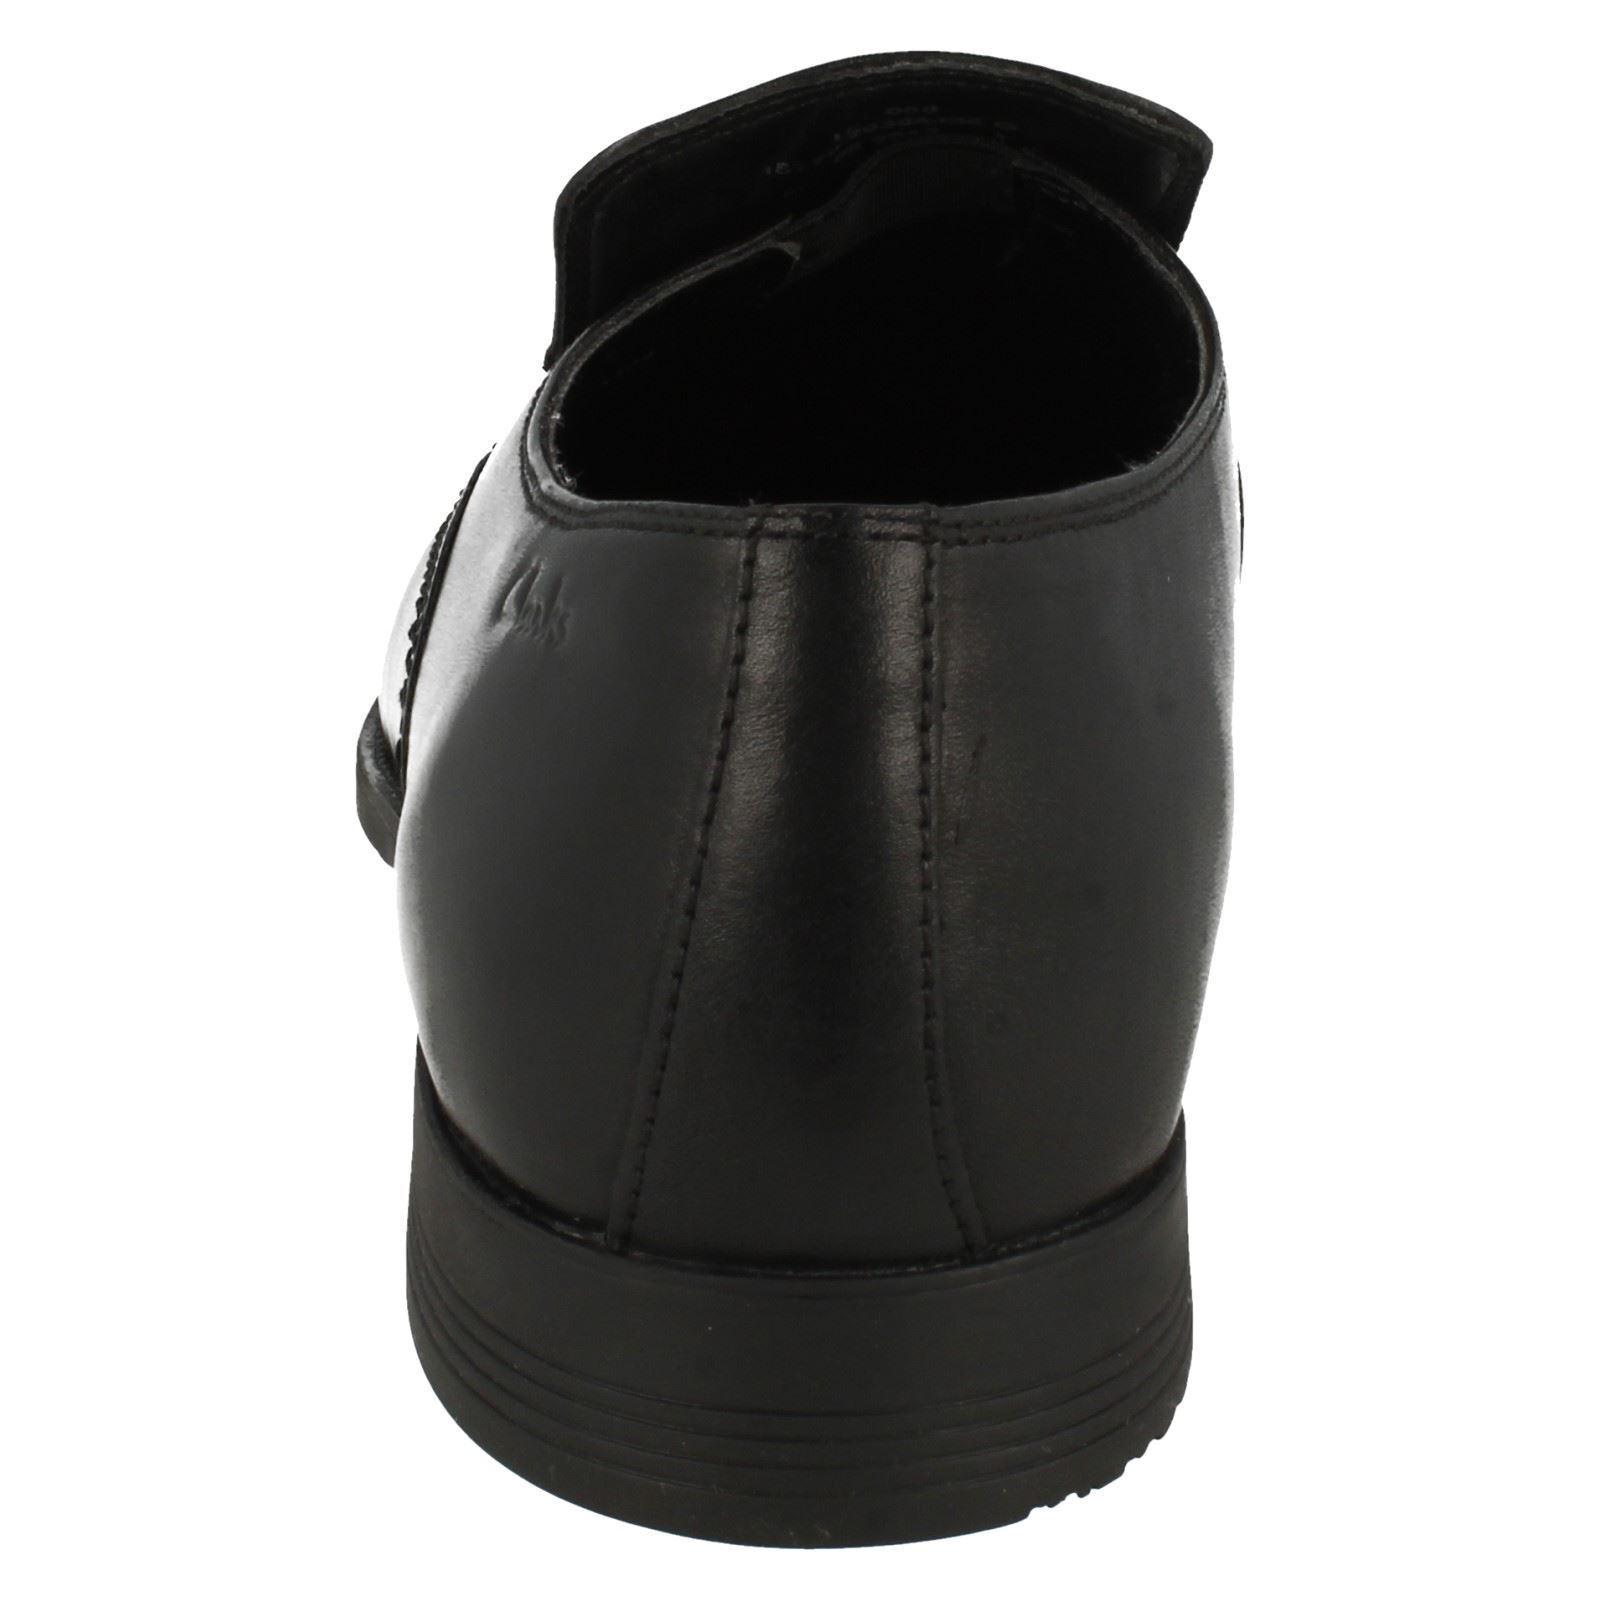 Acre Out Herren Clarks Formell ohne Bügel schwarzes Leder einfarbig Formell Clarks elegant a9f411